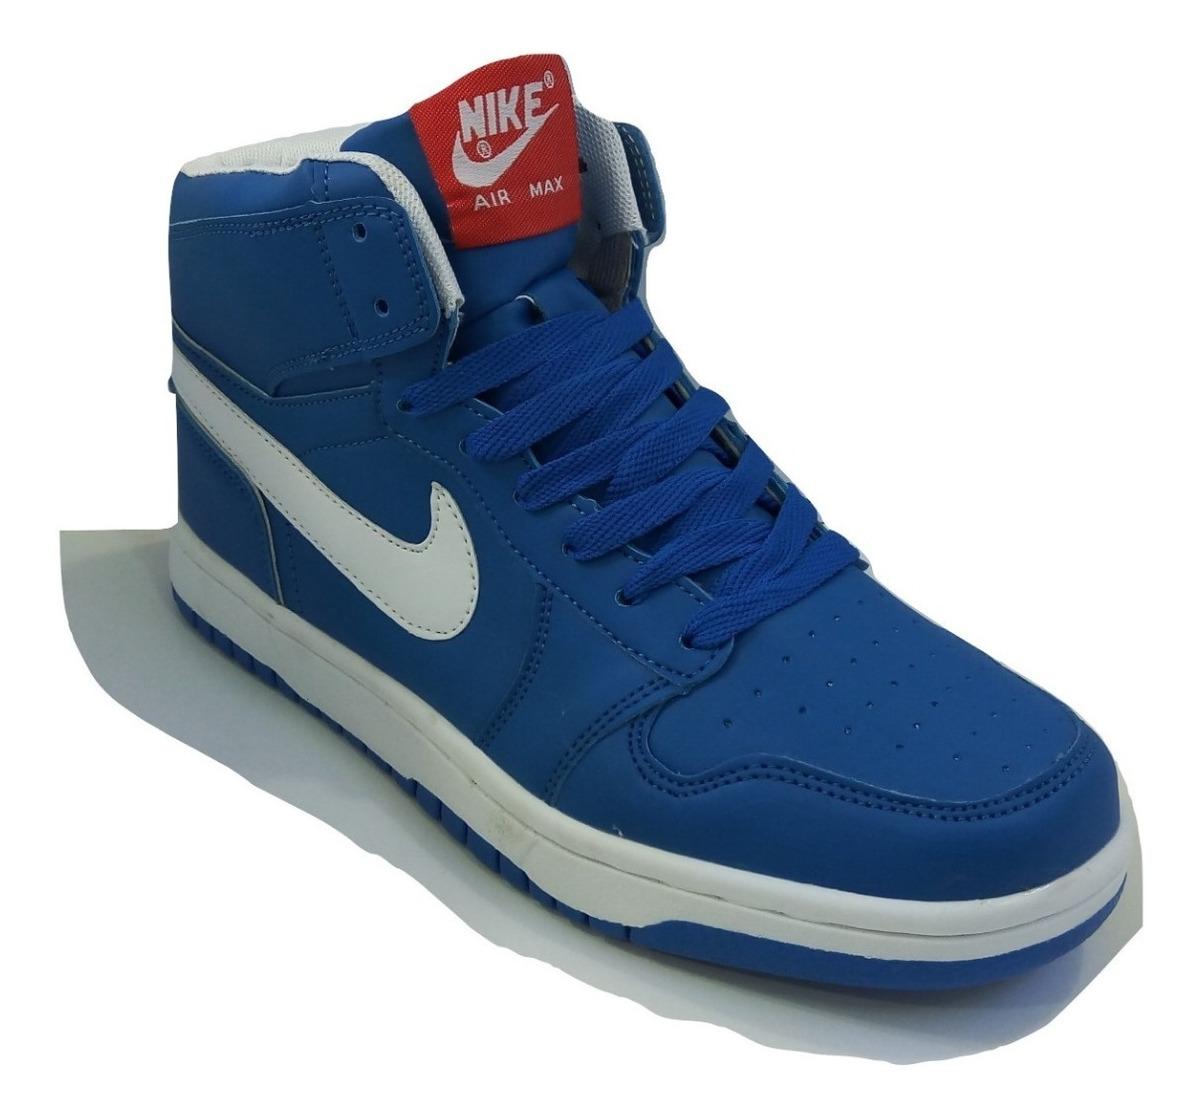 lino Teoría básica Sentido táctil  Zpt Botas Nike Air Max. Tallas 40-45. Azul Eléctrico/blanco. - Bs ...